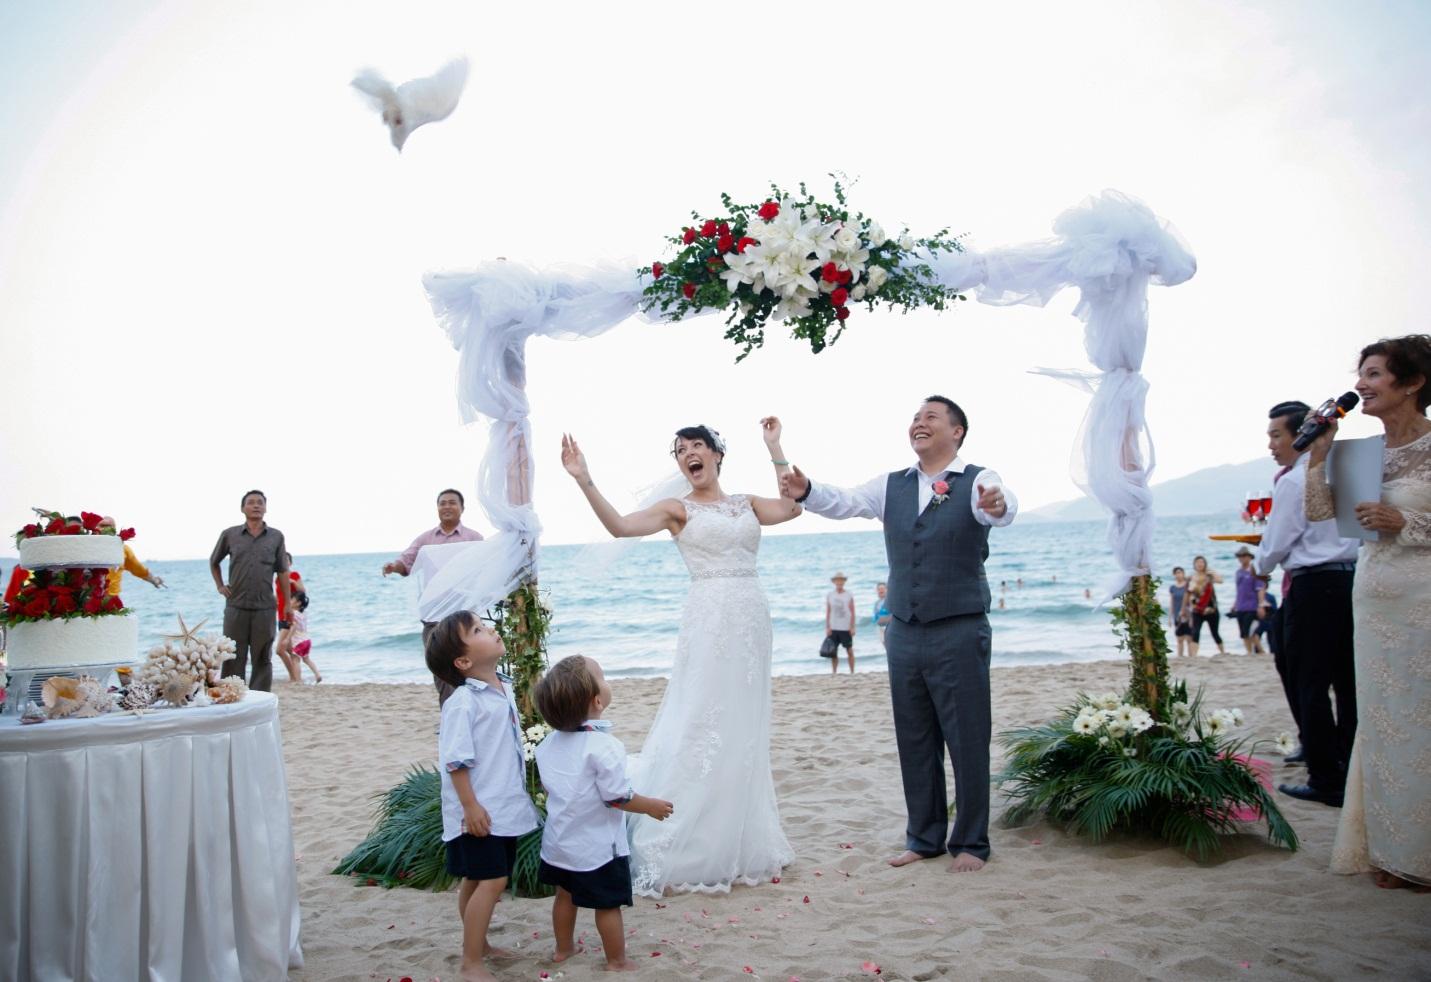 Kết quả hình ảnh cho Trang điểm cô dâu khi tổ chức tiệc cưới ở biển